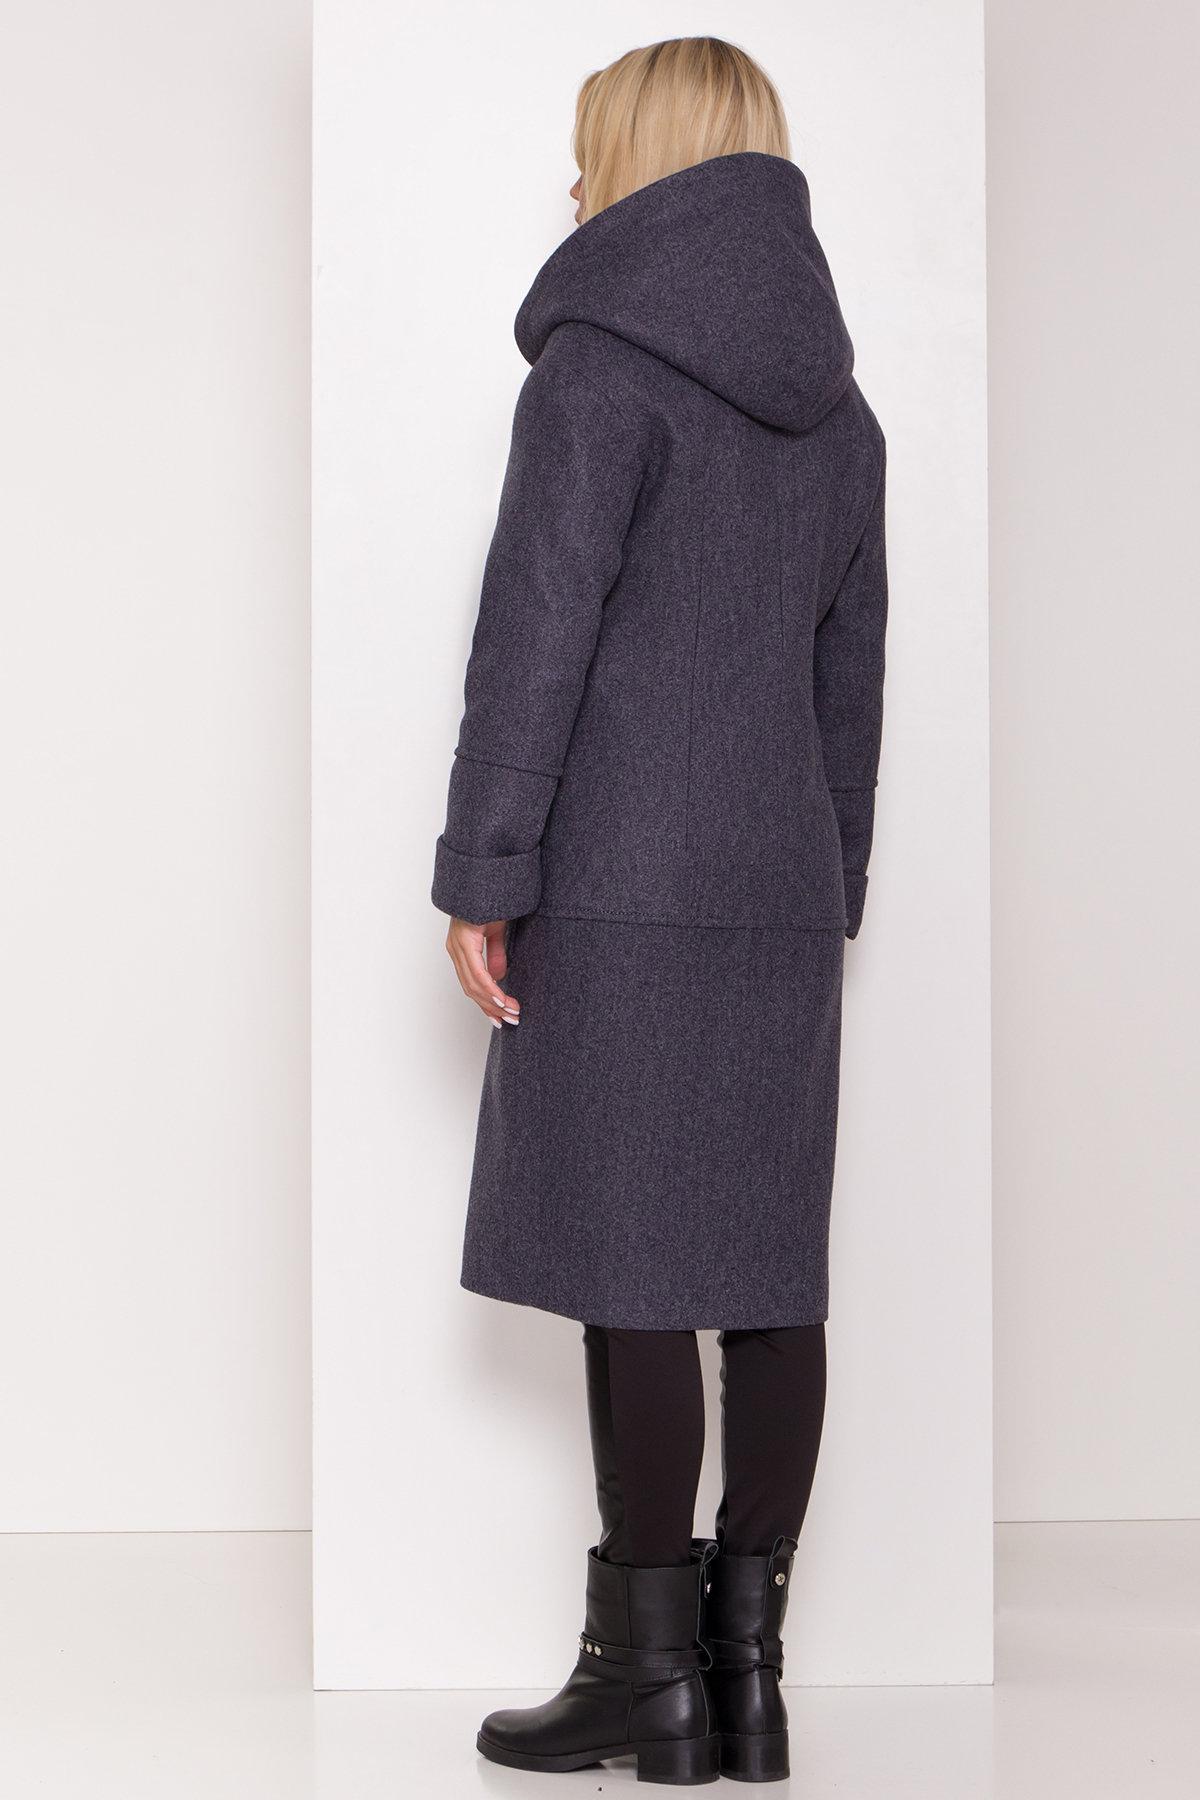 Утепленное пальто с капюшоном на зиму Анита классик 8213 АРТ. 44275 Цвет: т. синий 543 - фото 4, интернет магазин tm-modus.ru